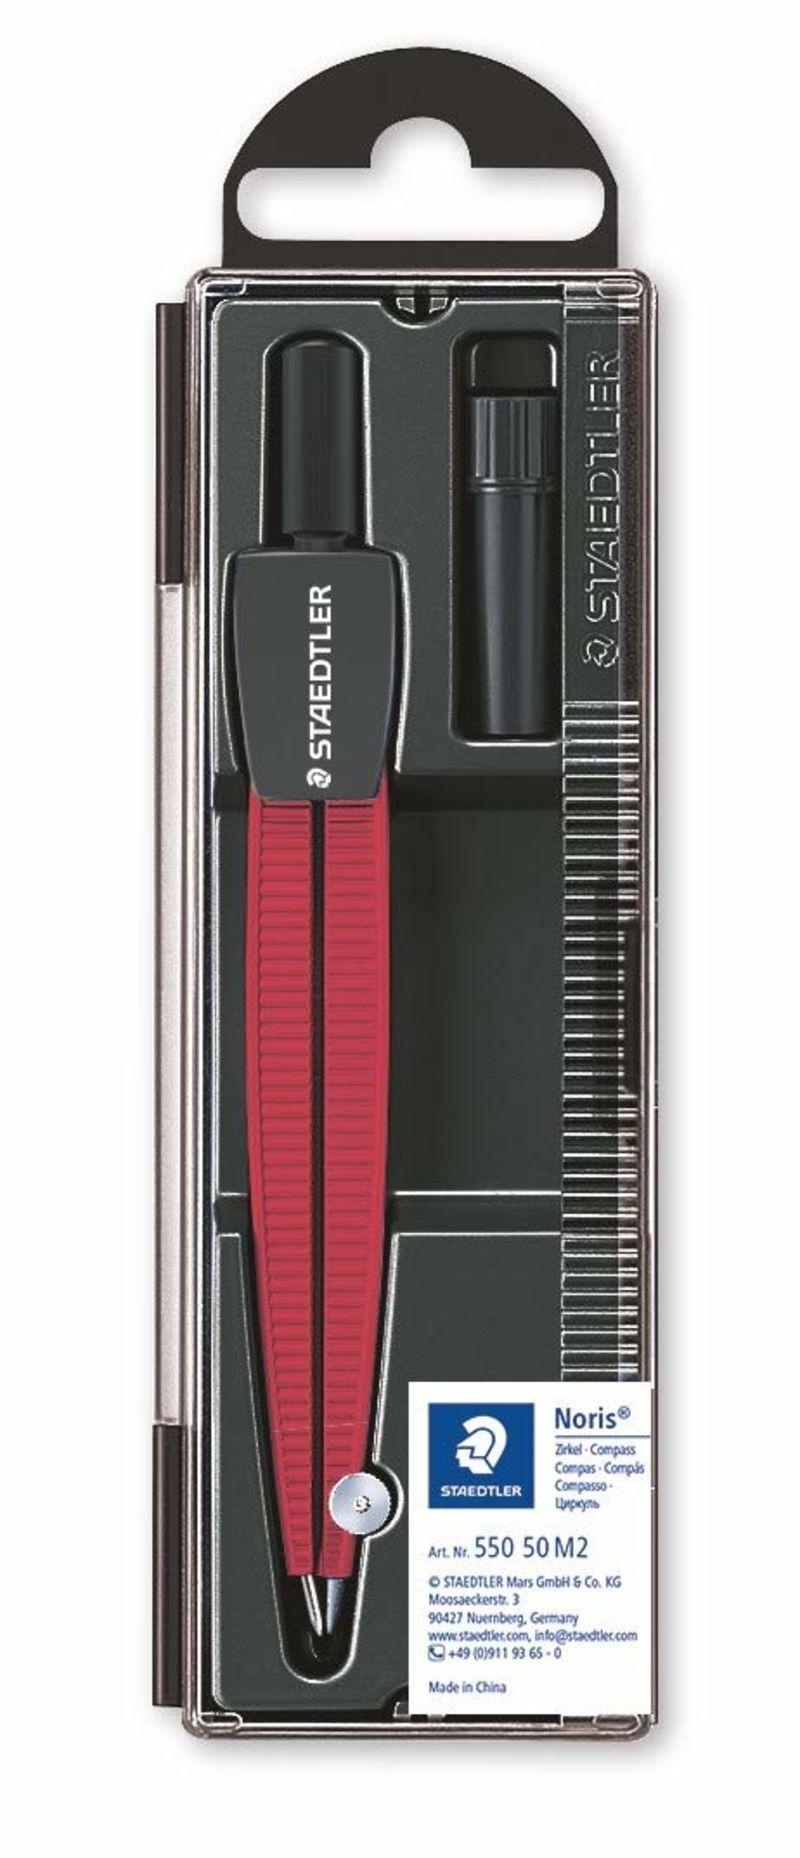 Compas Escolar 550 50 Met Rojo R: 55050m2 -